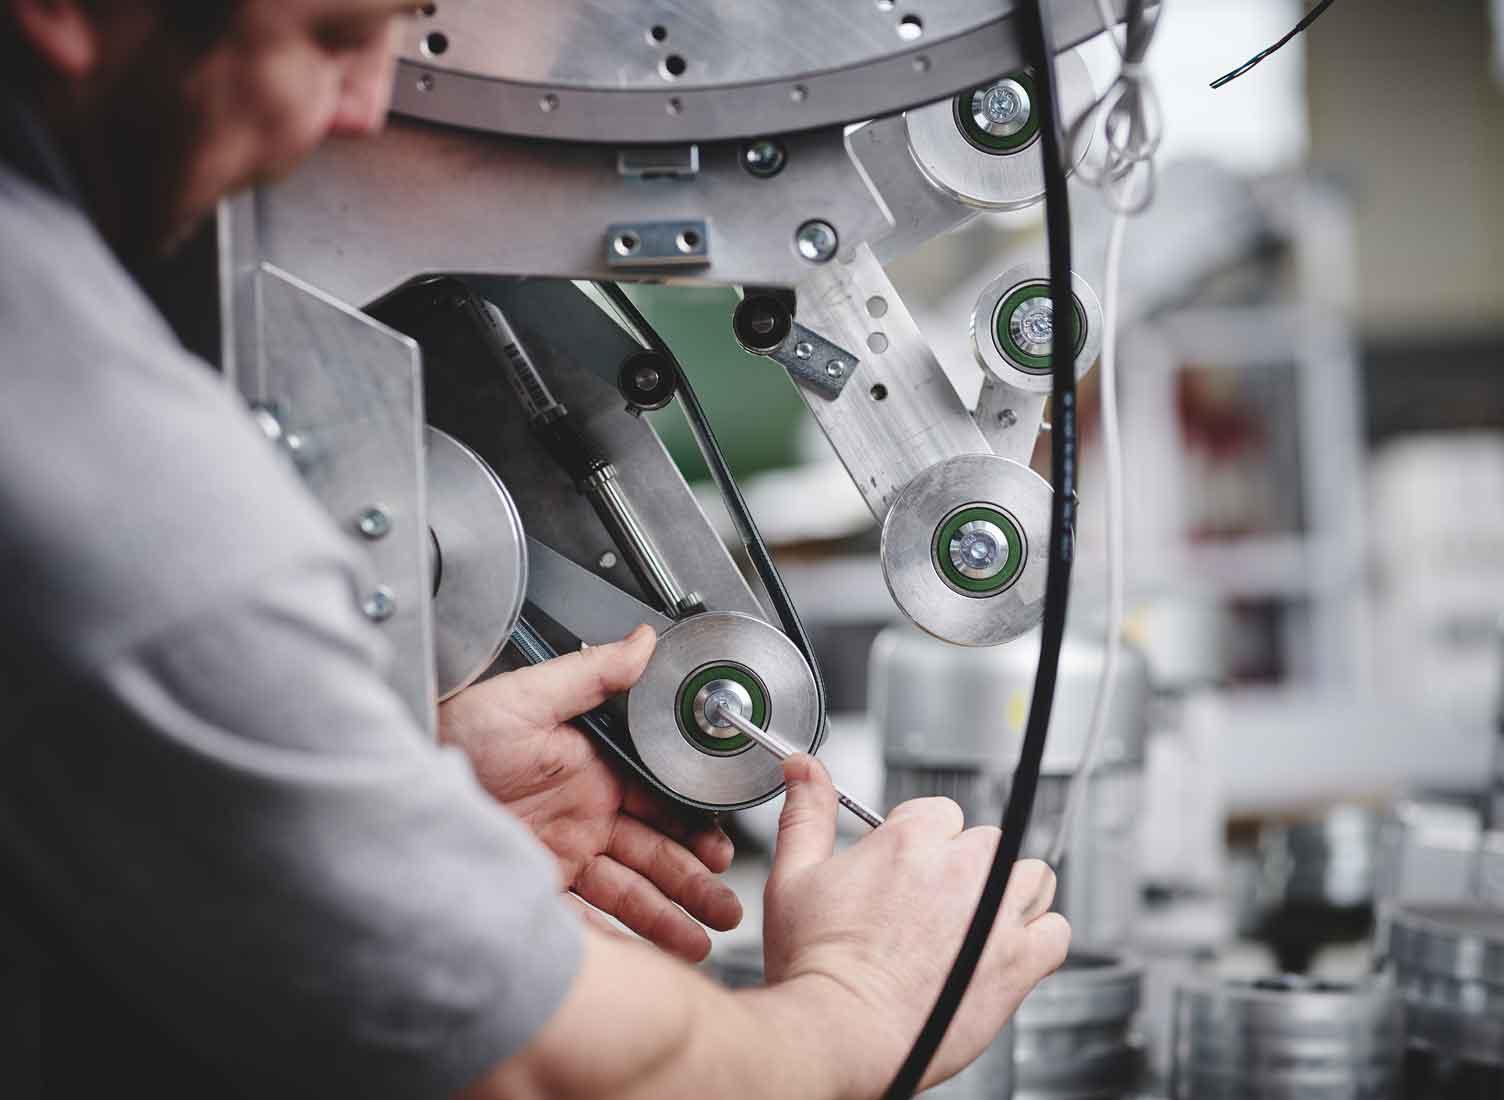 gaemmerler-Wartung-Service-Maschinenbau